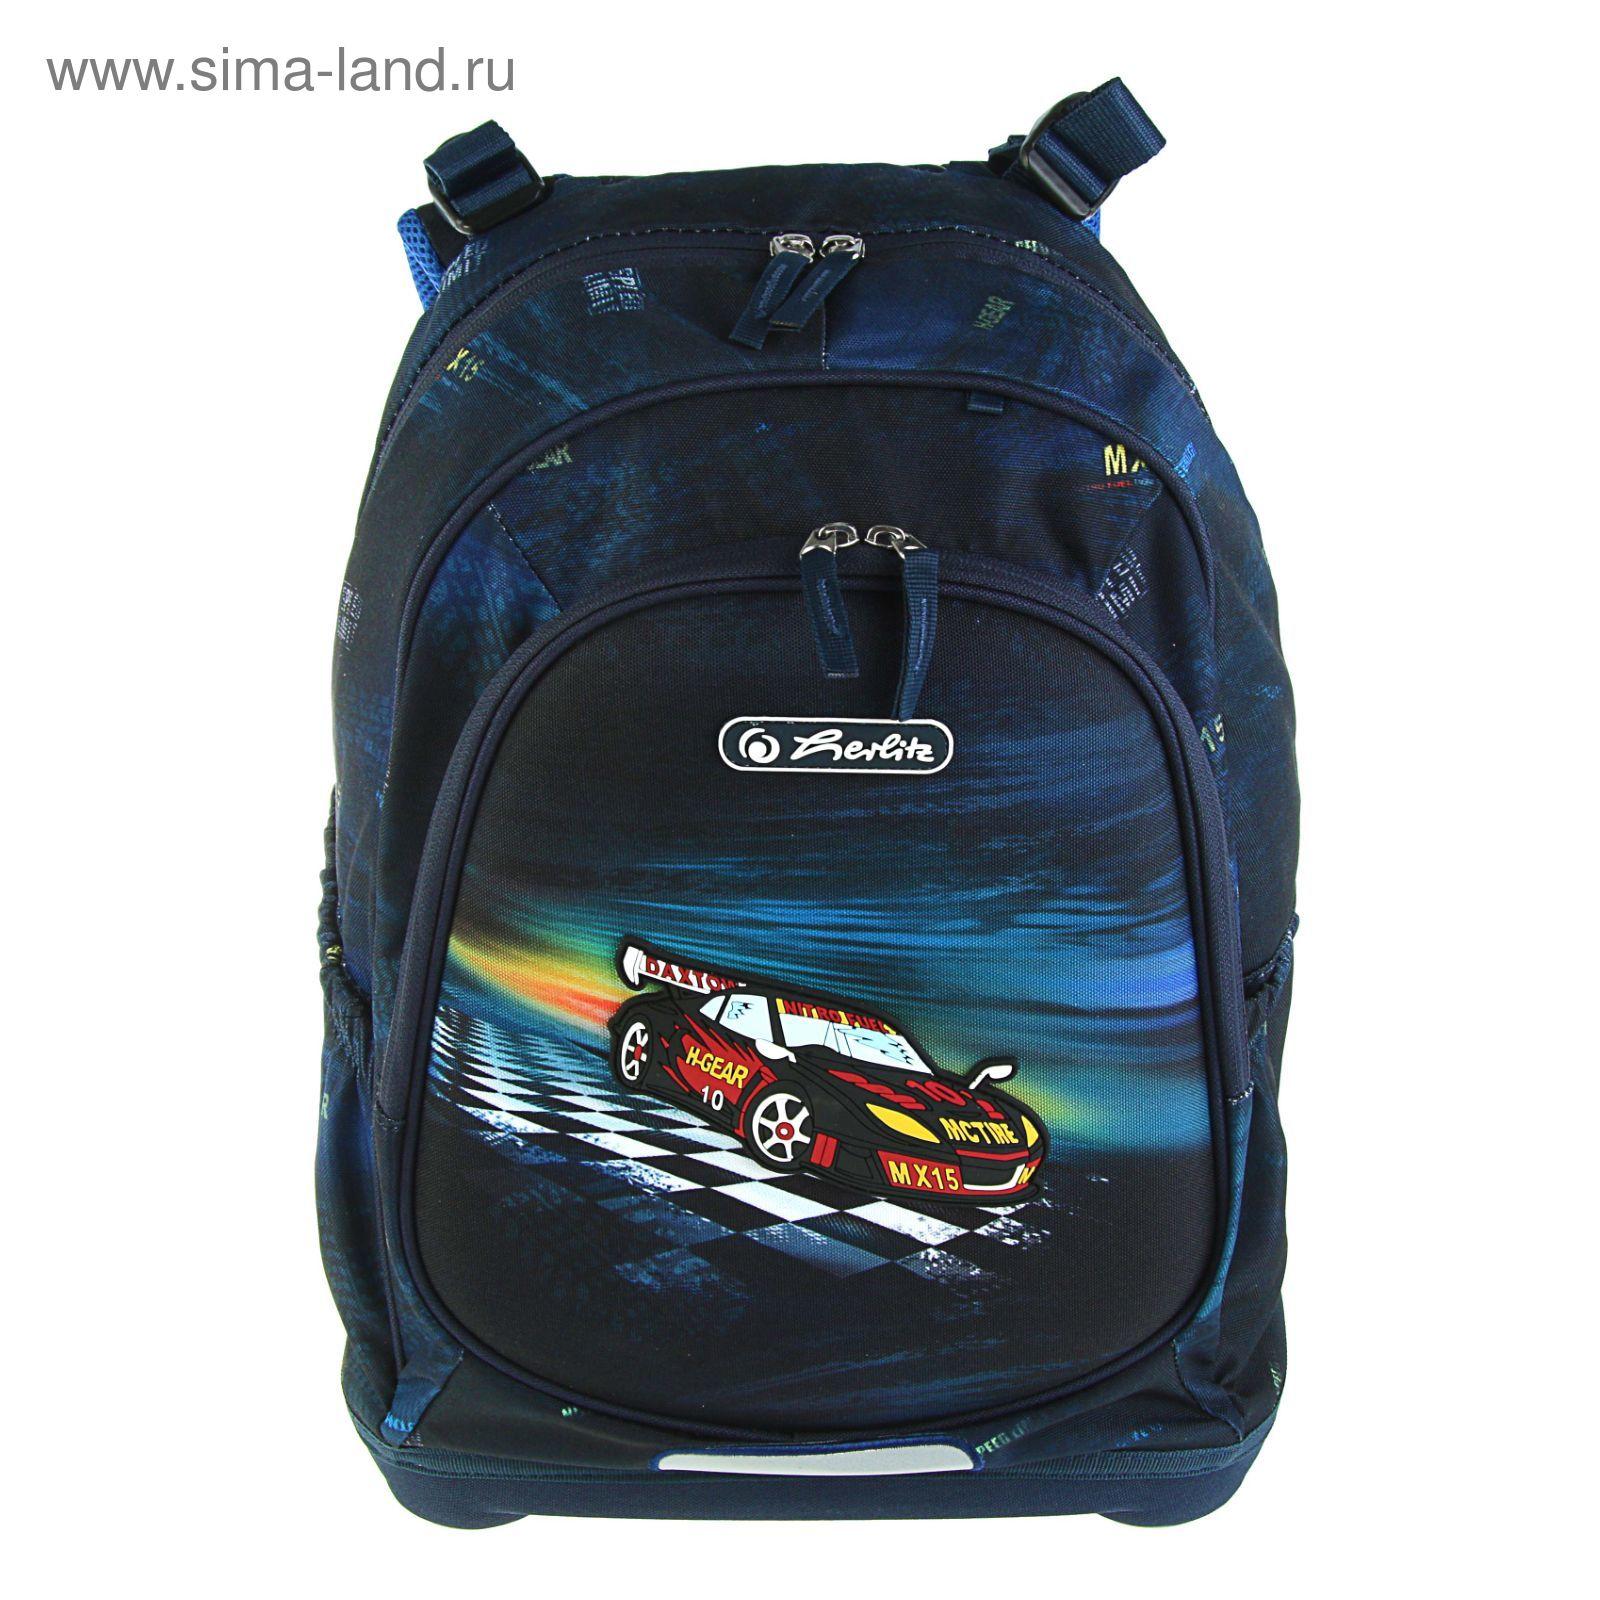 841f0b2a4225 Рюкзак школьный эргономичная спинка для мальчика Herlitz 43*30*18 «Bliss  Super Racer